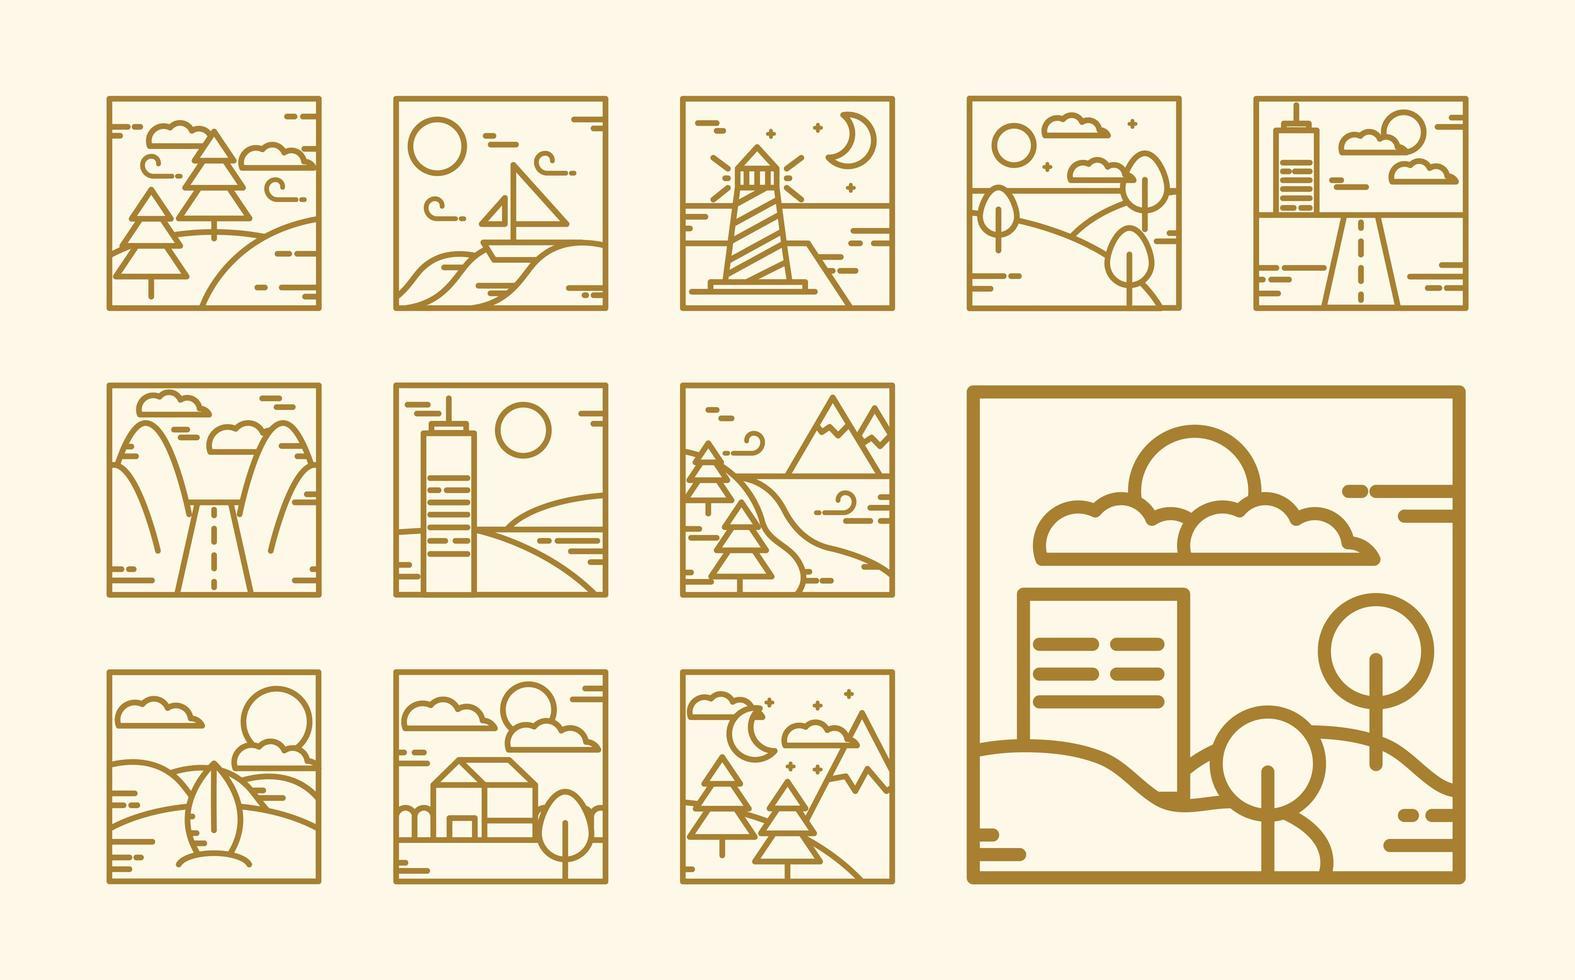 vierkante landschap overzicht icoon collectie vector